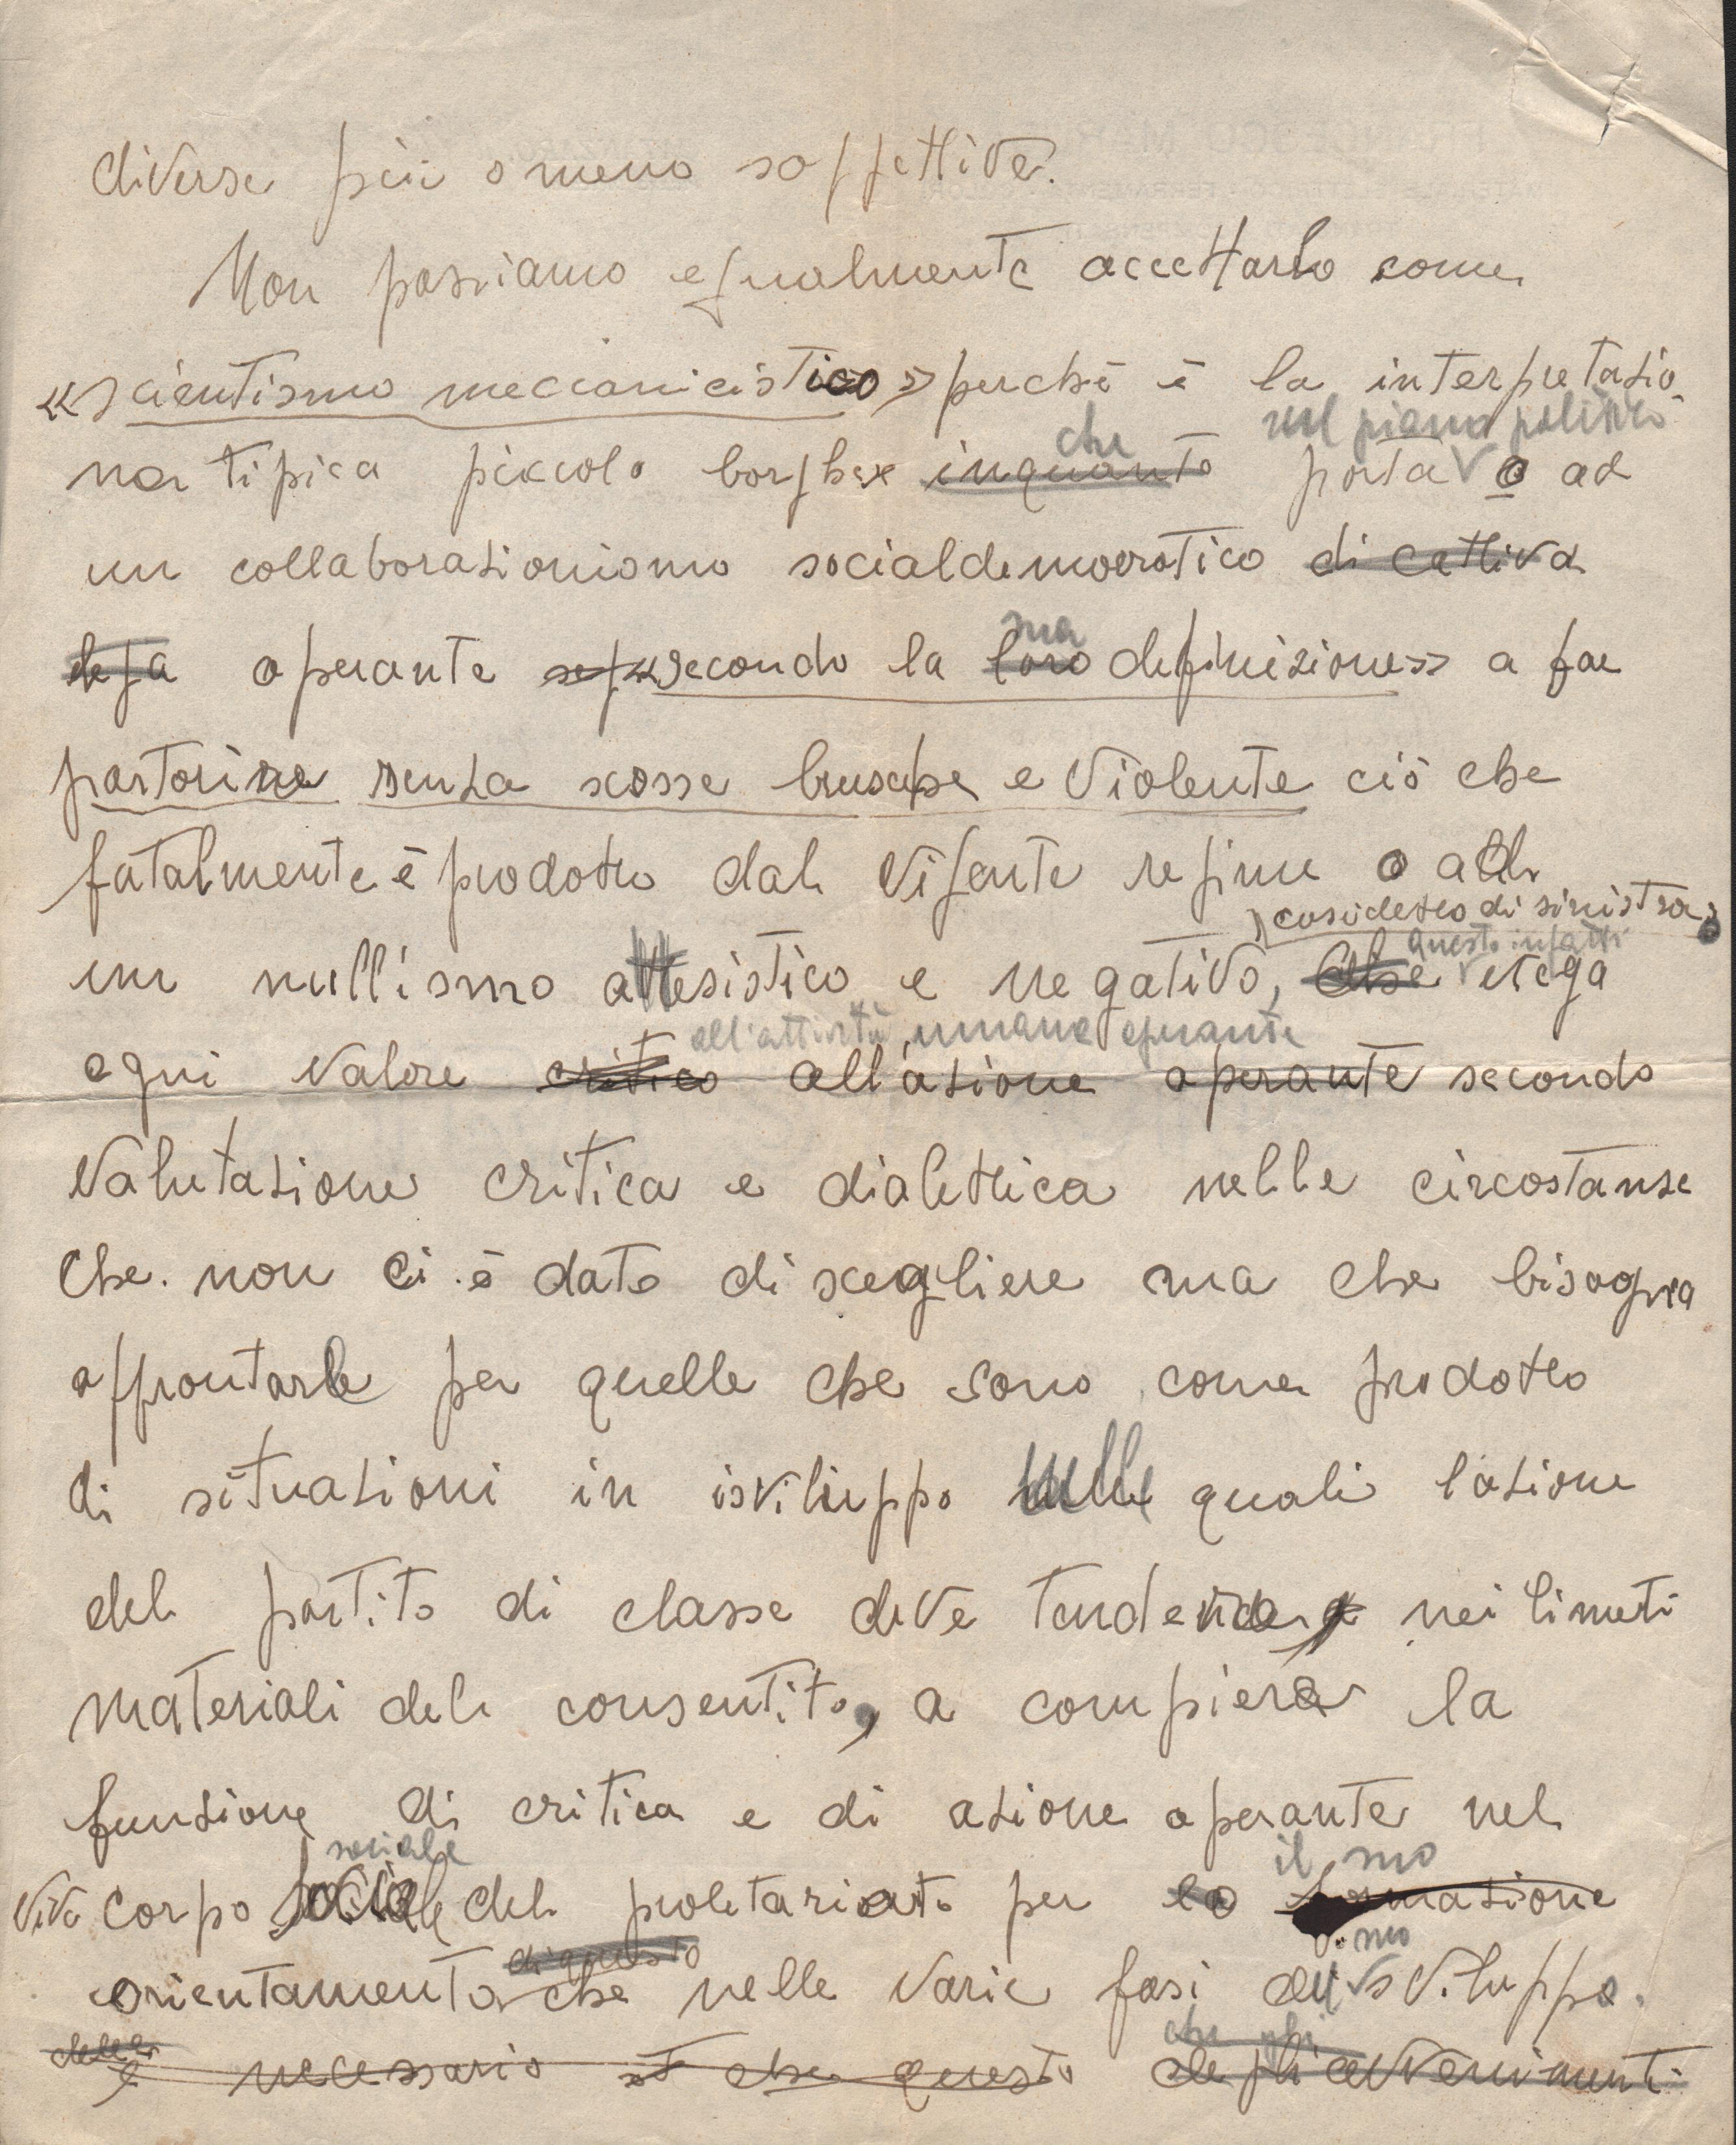 Lettere di Maruca - pag. 11